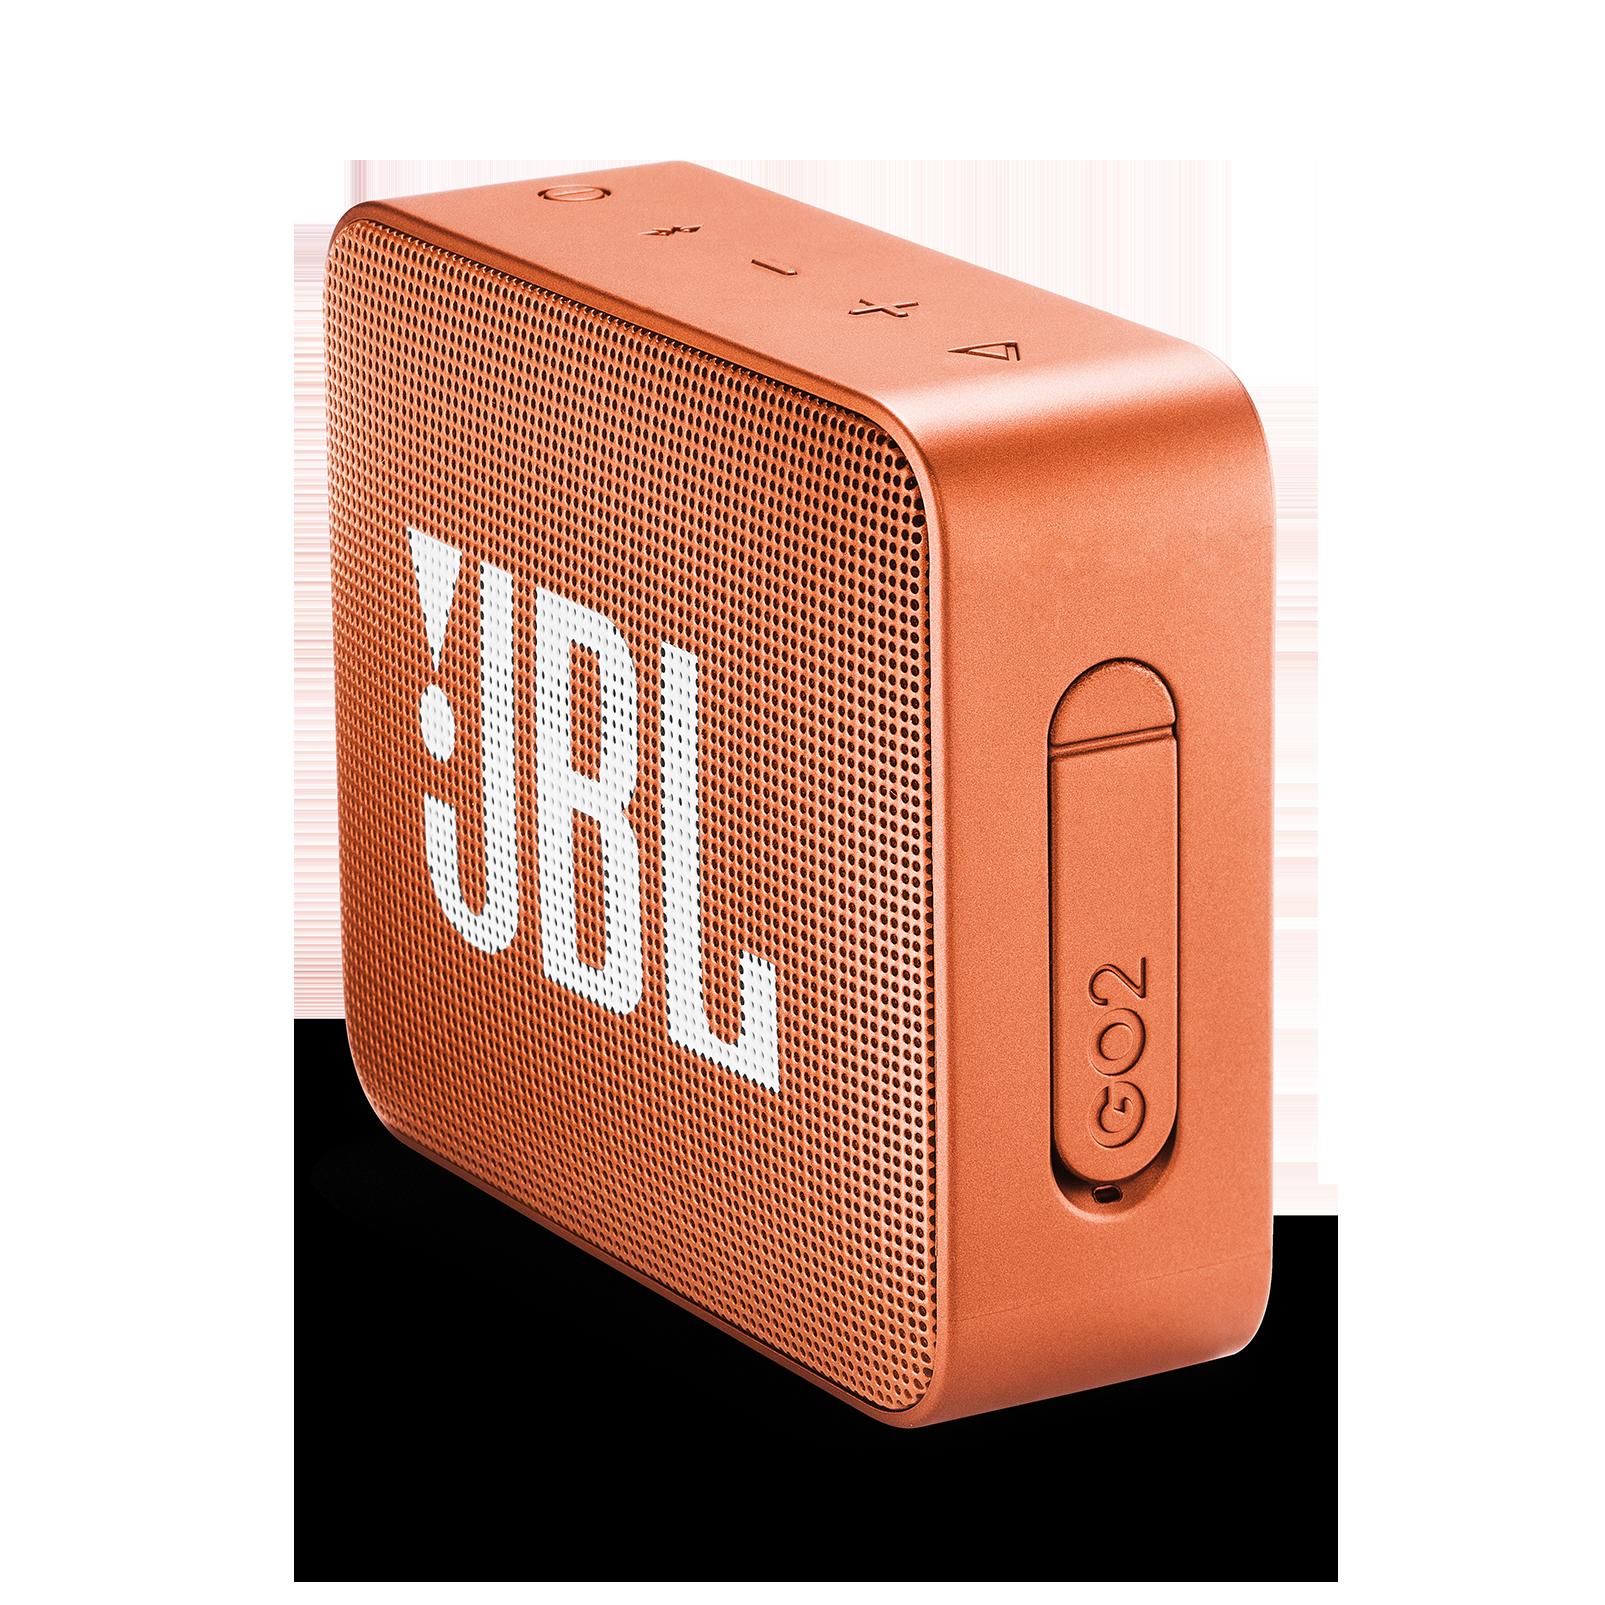 JBL GO 2 - Coral Orange - Portable Bluetooth speaker - Detailshot 2